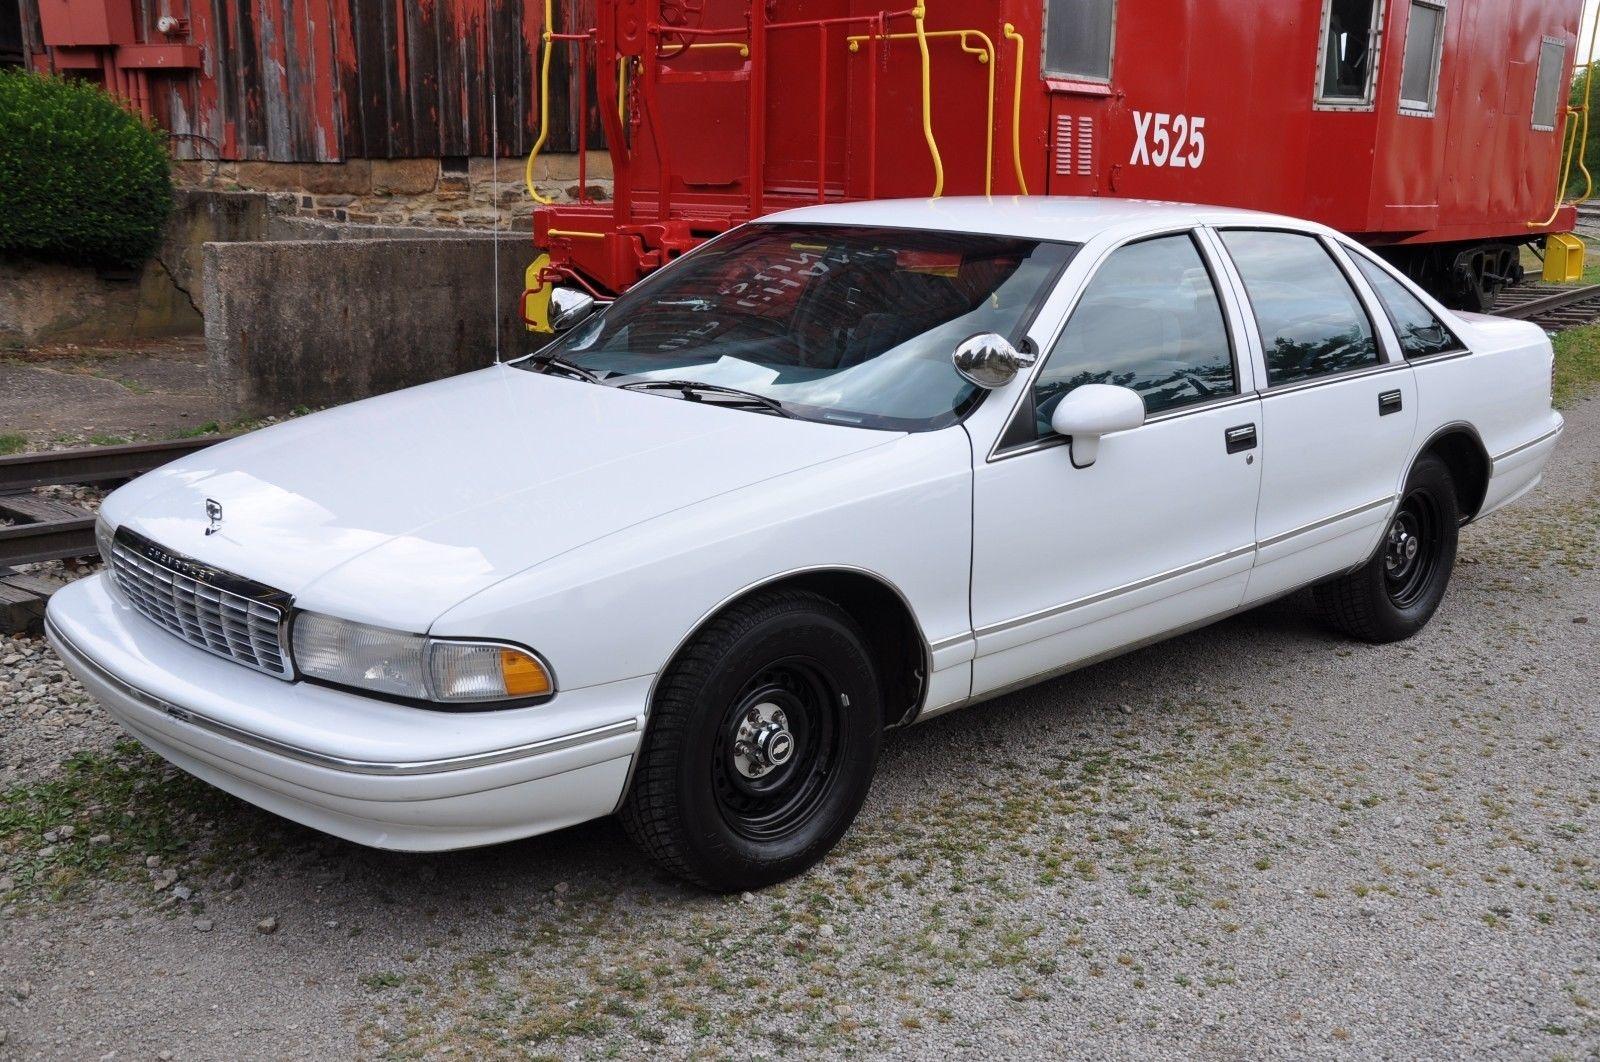 Police Caprice 14 000 Mile 1994 Chevrolet Caprice 9c1